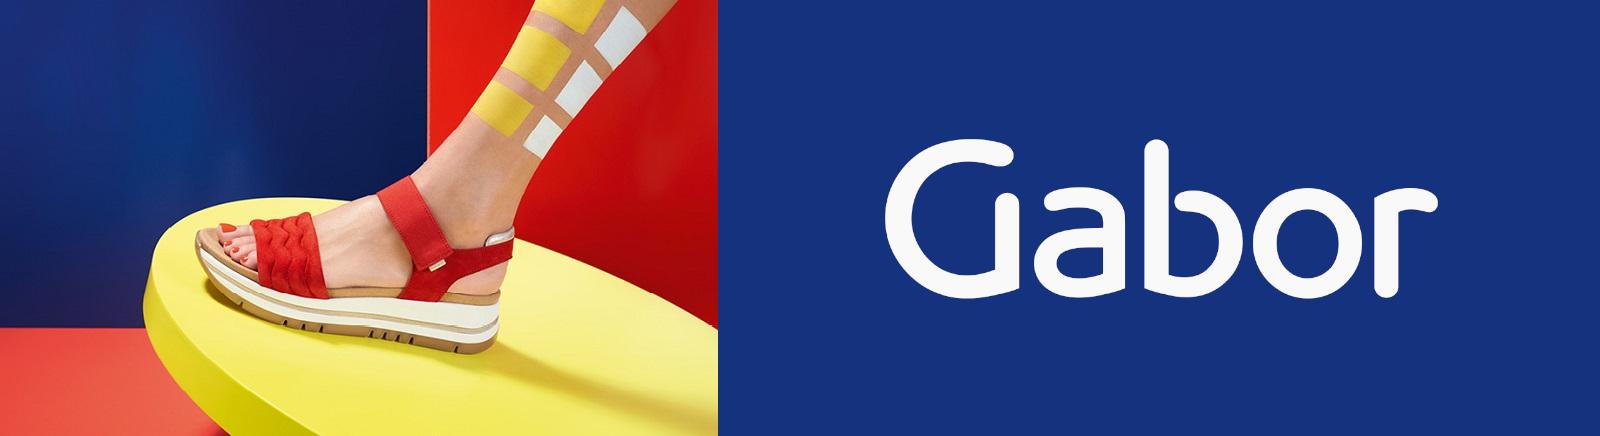 Gisy: Gabor Langschaftstiefel online shoppen